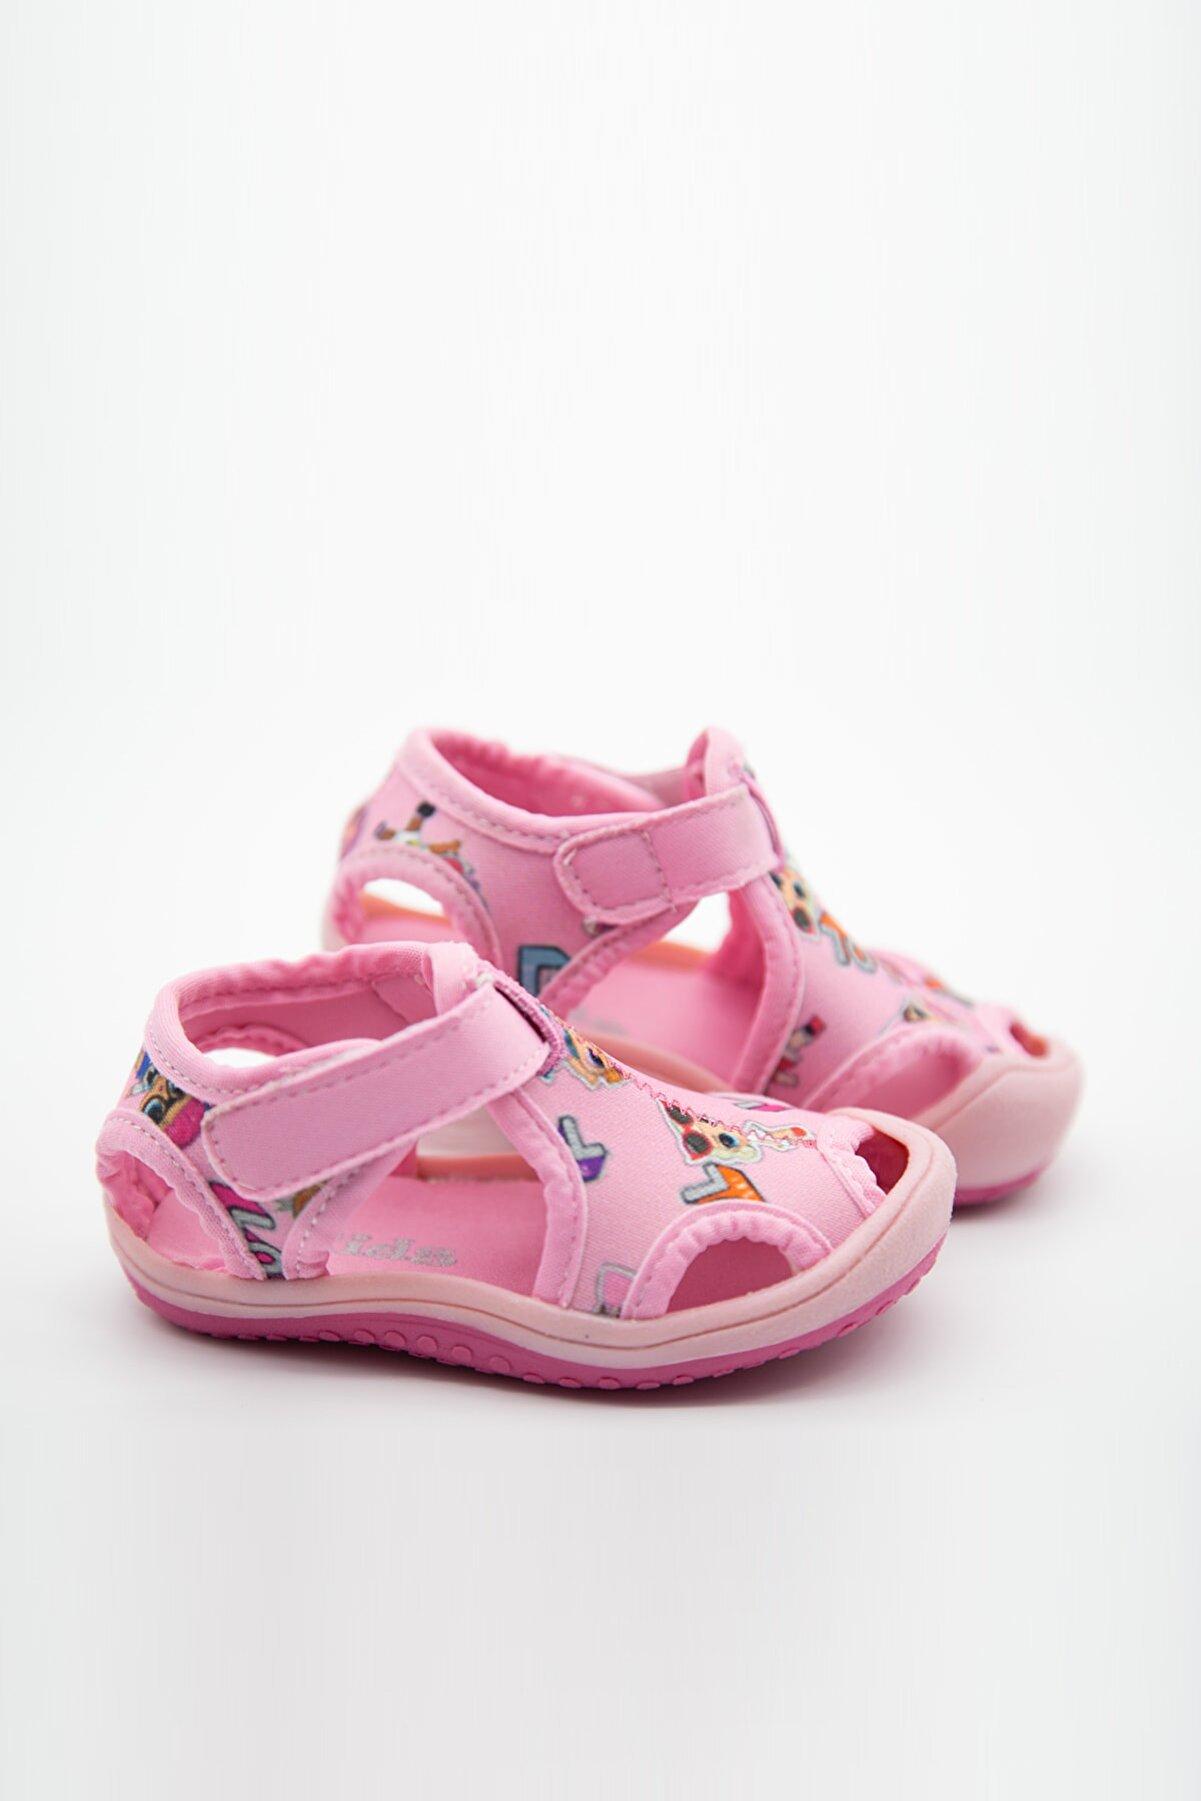 modawars Kız Çocuk Kumaş Sandalet